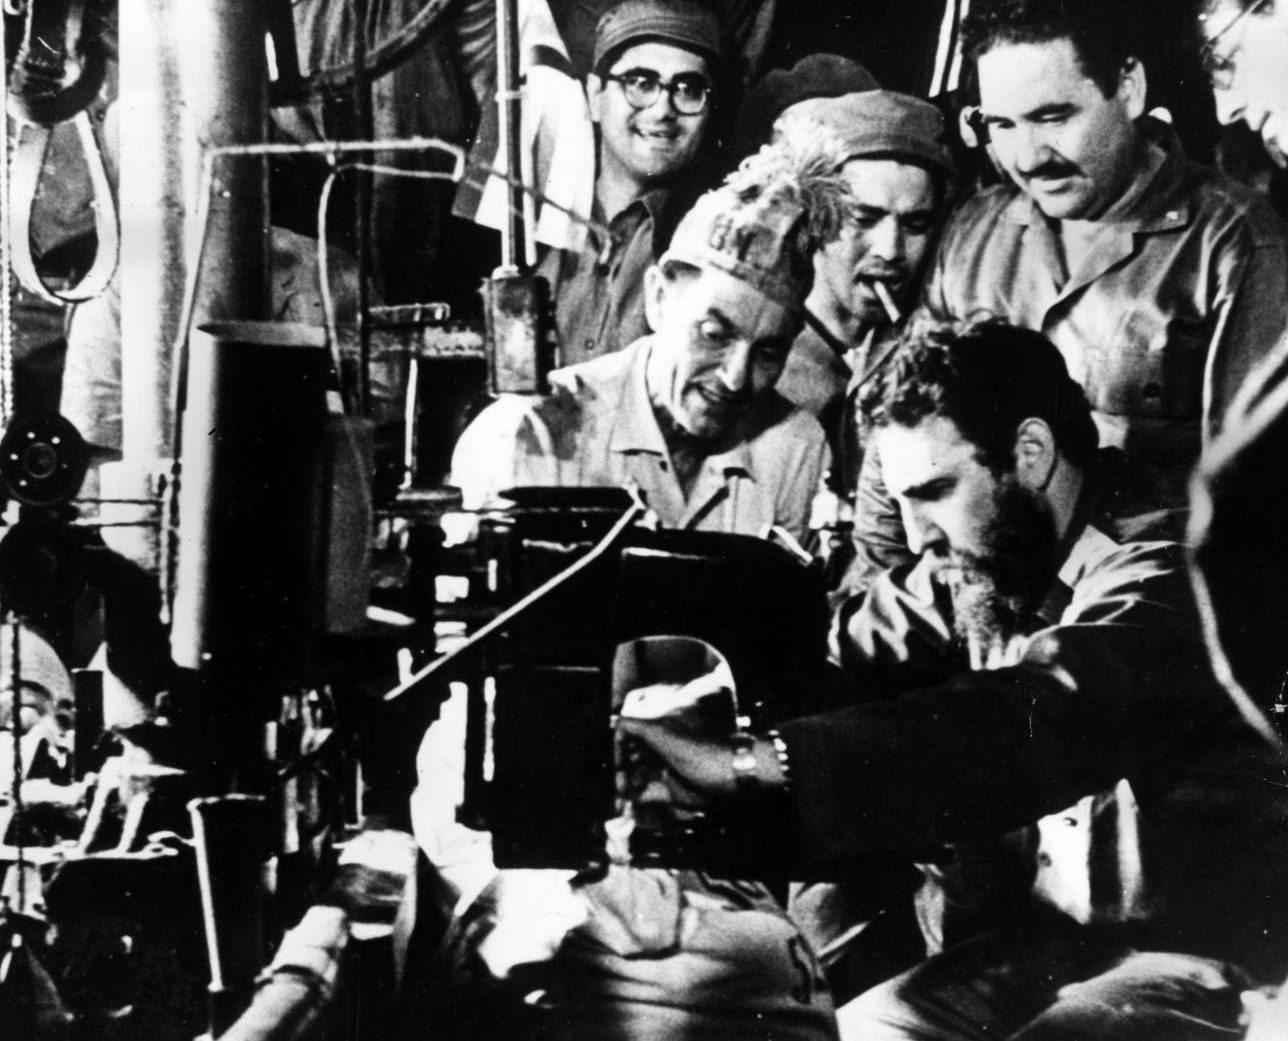 Καλοκαίρι του 1965. Ο Κάστρο ράβει τον τελευταίο σάκο ζάχαρης στο εργοστάσιο Αντόνιο Γκουιτέρας στο Οριέντε. Η στιγμή είναι σημαντική και συμβολική διότι με αυτόν τον σάκο επετεύχθη ο στόχος παραγωγής έξι εκατομμυρίων τόνων ζάχαρης